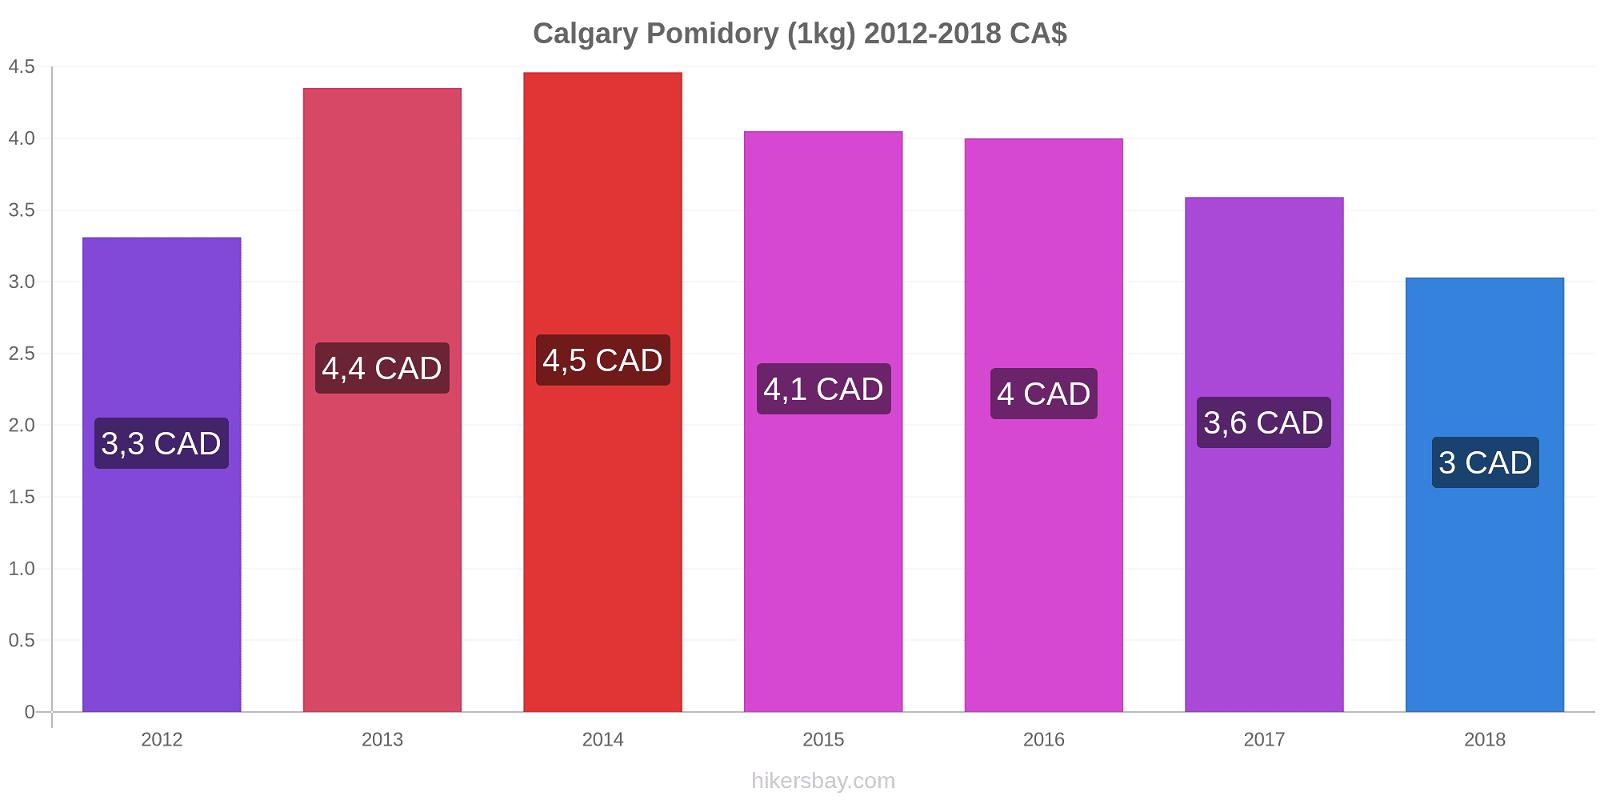 Calgary zmiany cen Pomidory (1kg) hikersbay.com